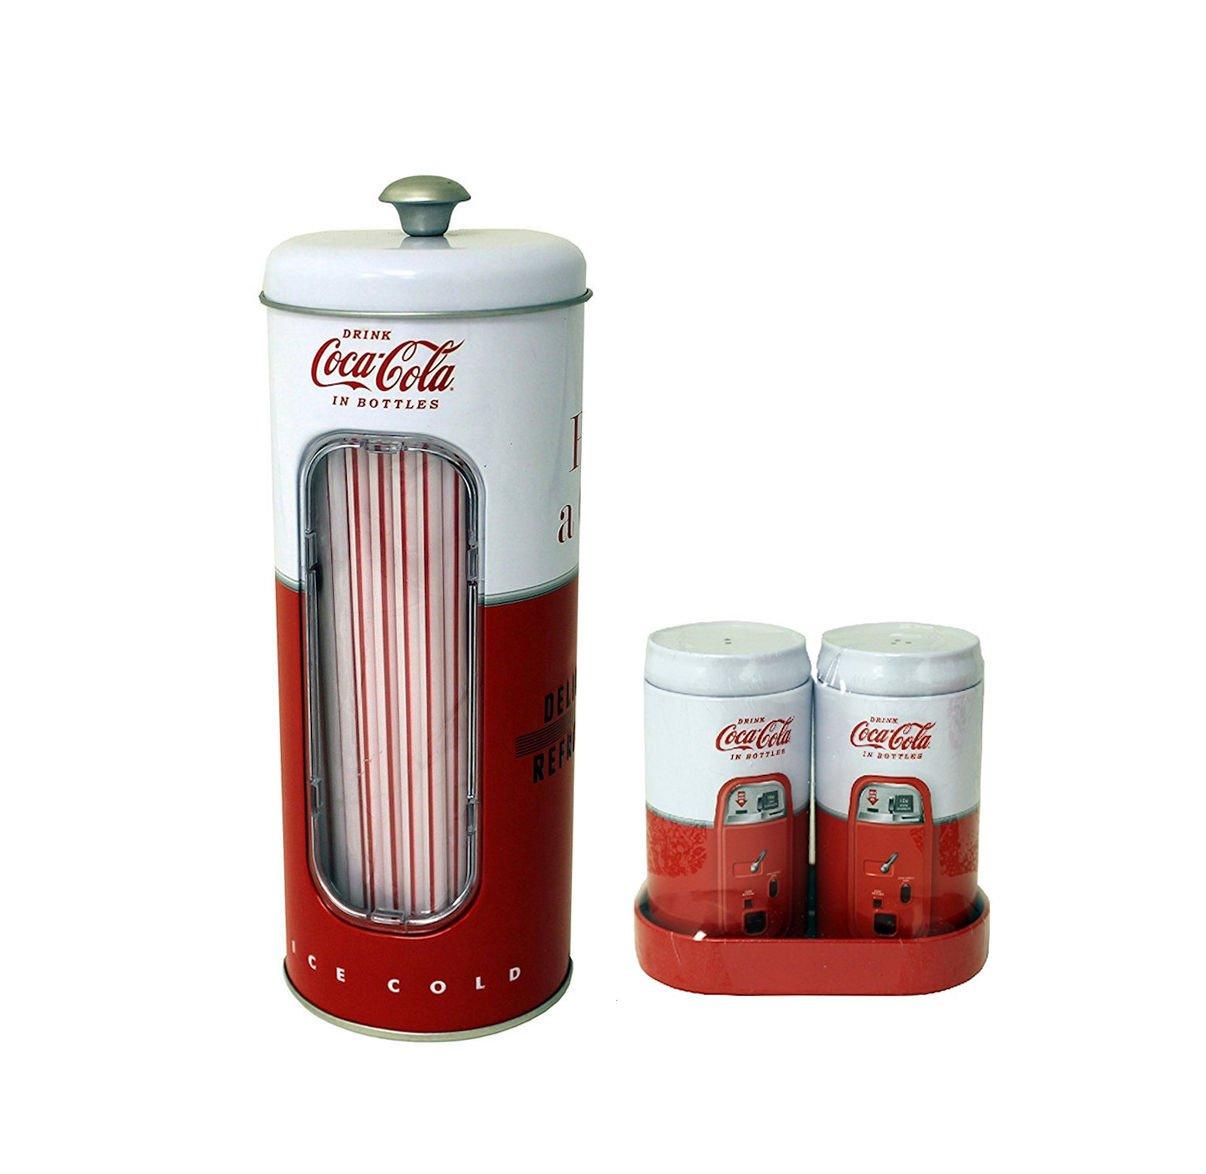 Coca Cola Salt & Pepper Shaker and Straw Holder Set